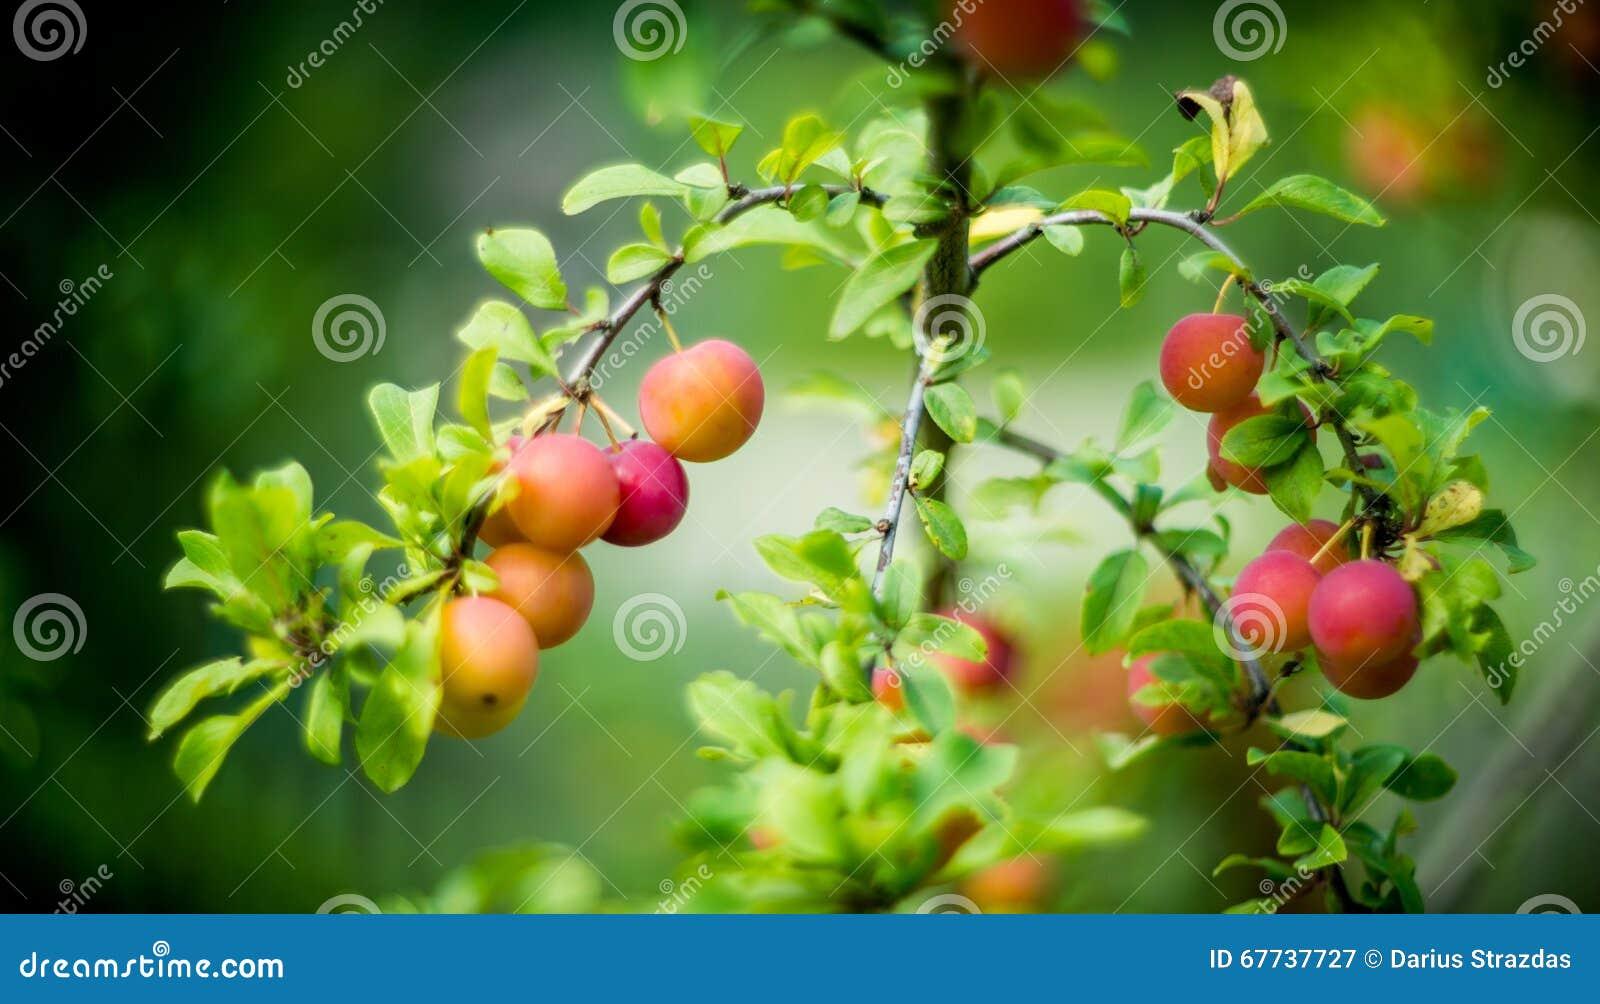 η γεωργία διακλαδίζεται νόστιμο δέντρο δαμάσκηνων καρπού έννοιας